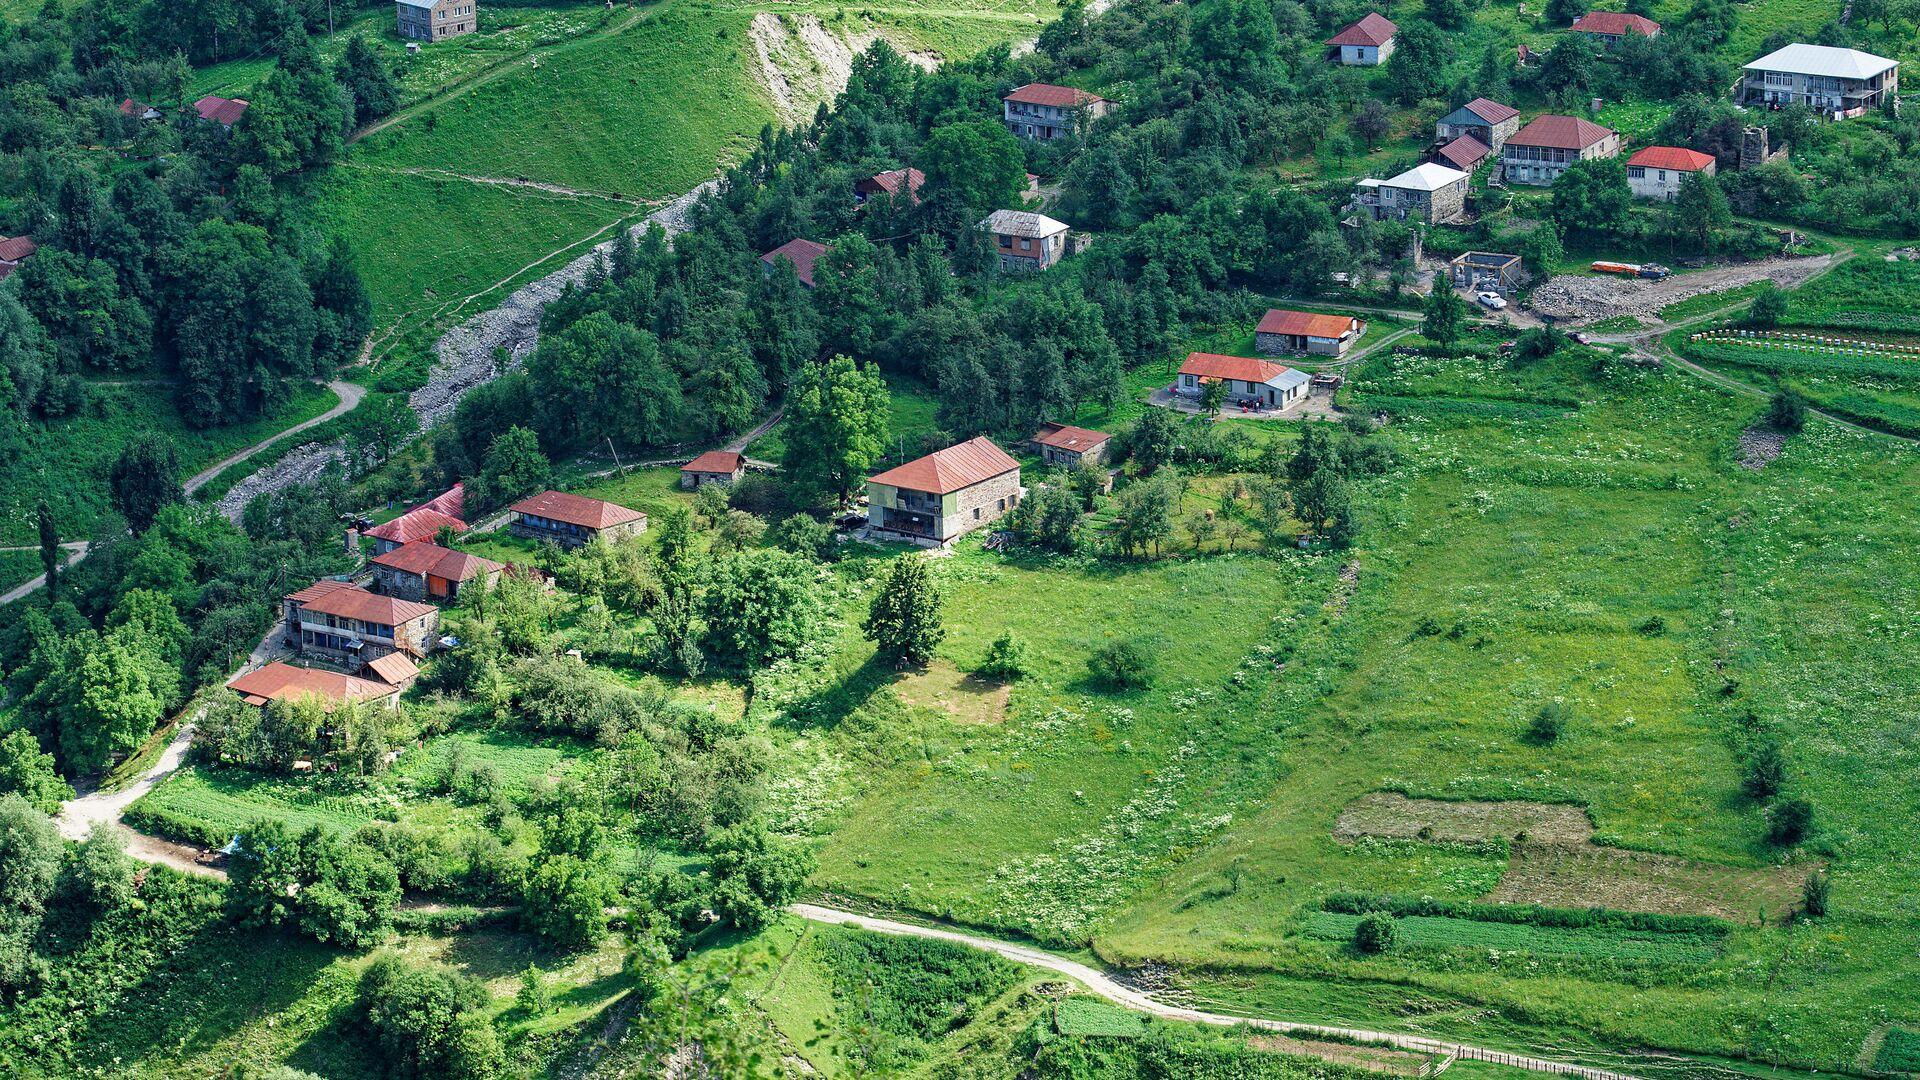 Село в горах в горах Кавказа в районе Казбеги близ Гудаури и Военно Грузинской дороги - Sputnik Грузия, 1920, 09.09.2021